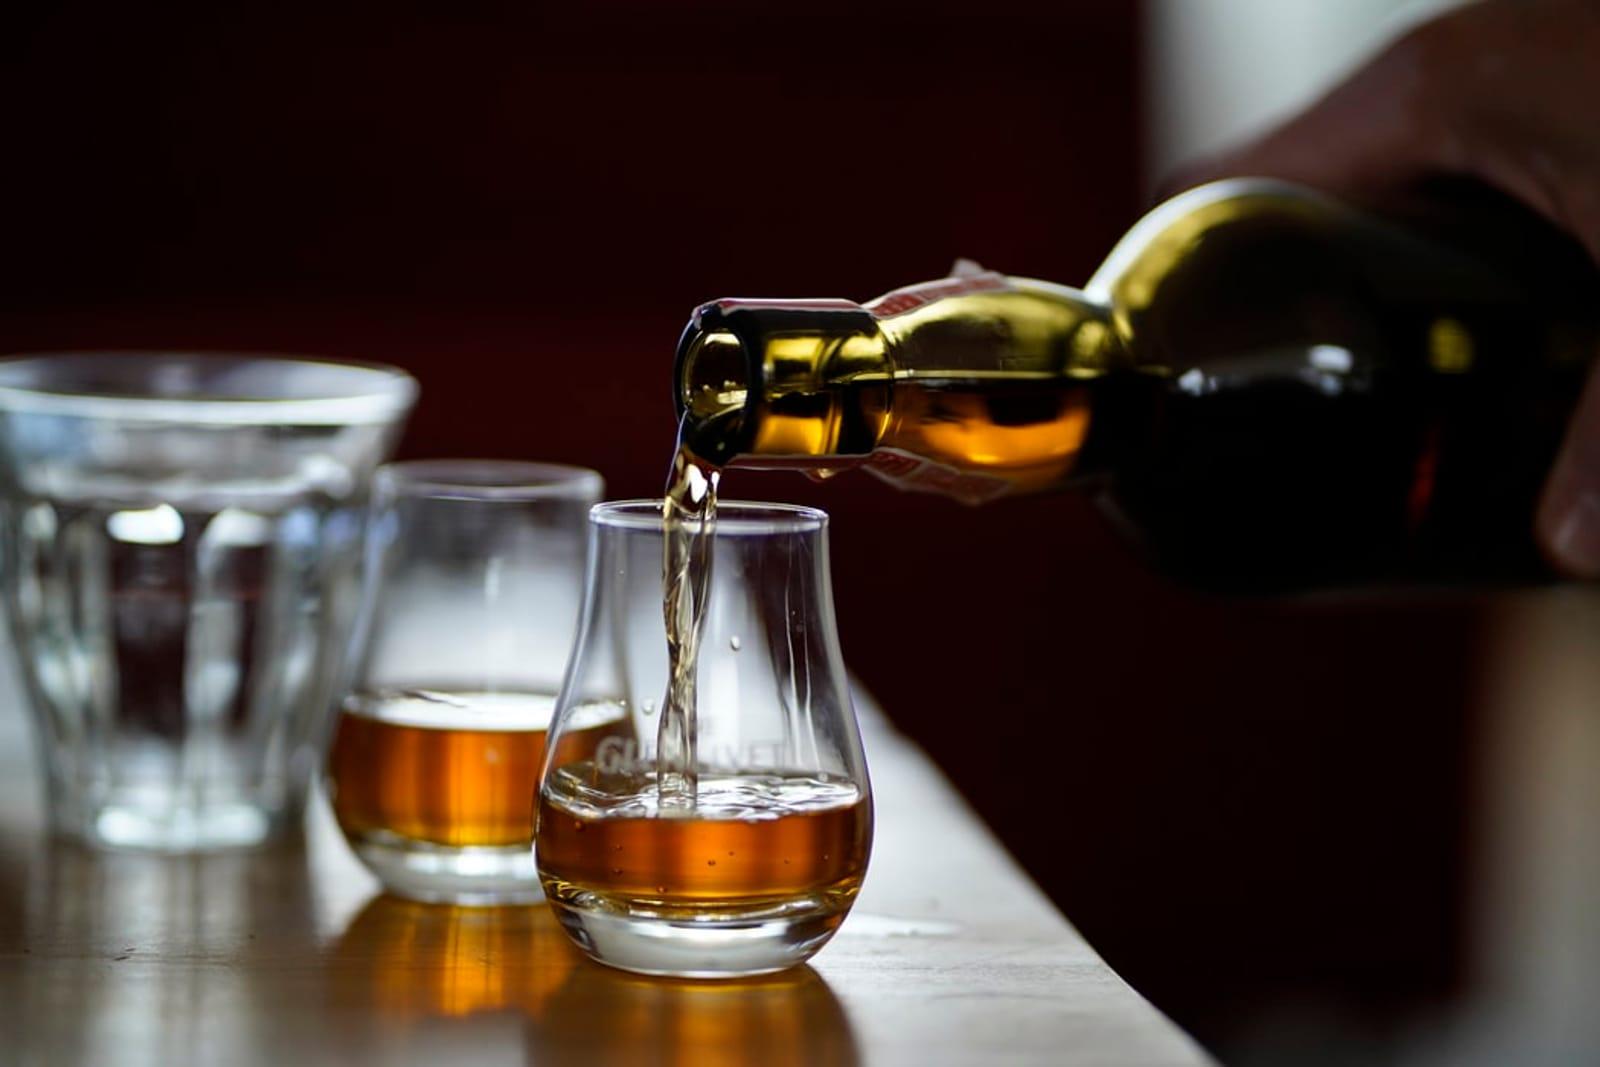 Sa., 20. Juni = regulärer Pubbetrieb  das Tasting im hinteren Bereich fällt aus: